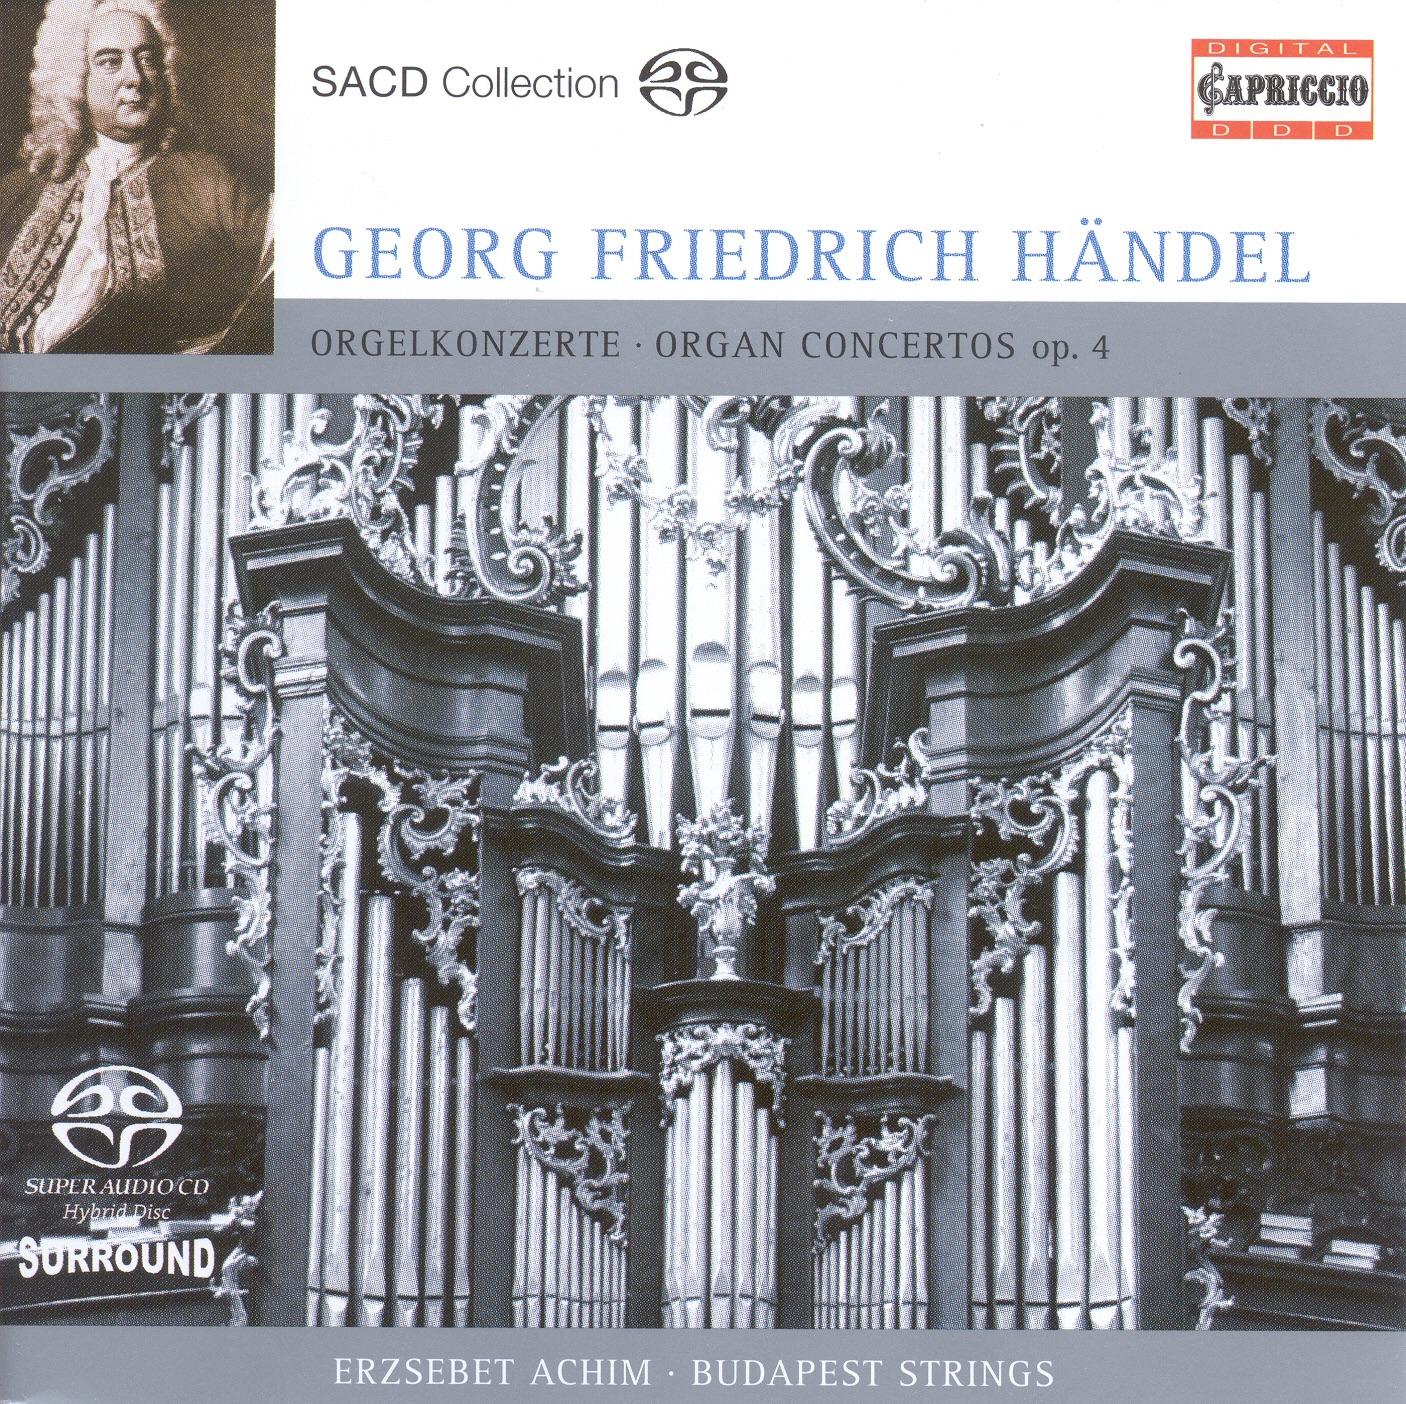 Handel: Organ Concertos Nos. 1-4 and 6